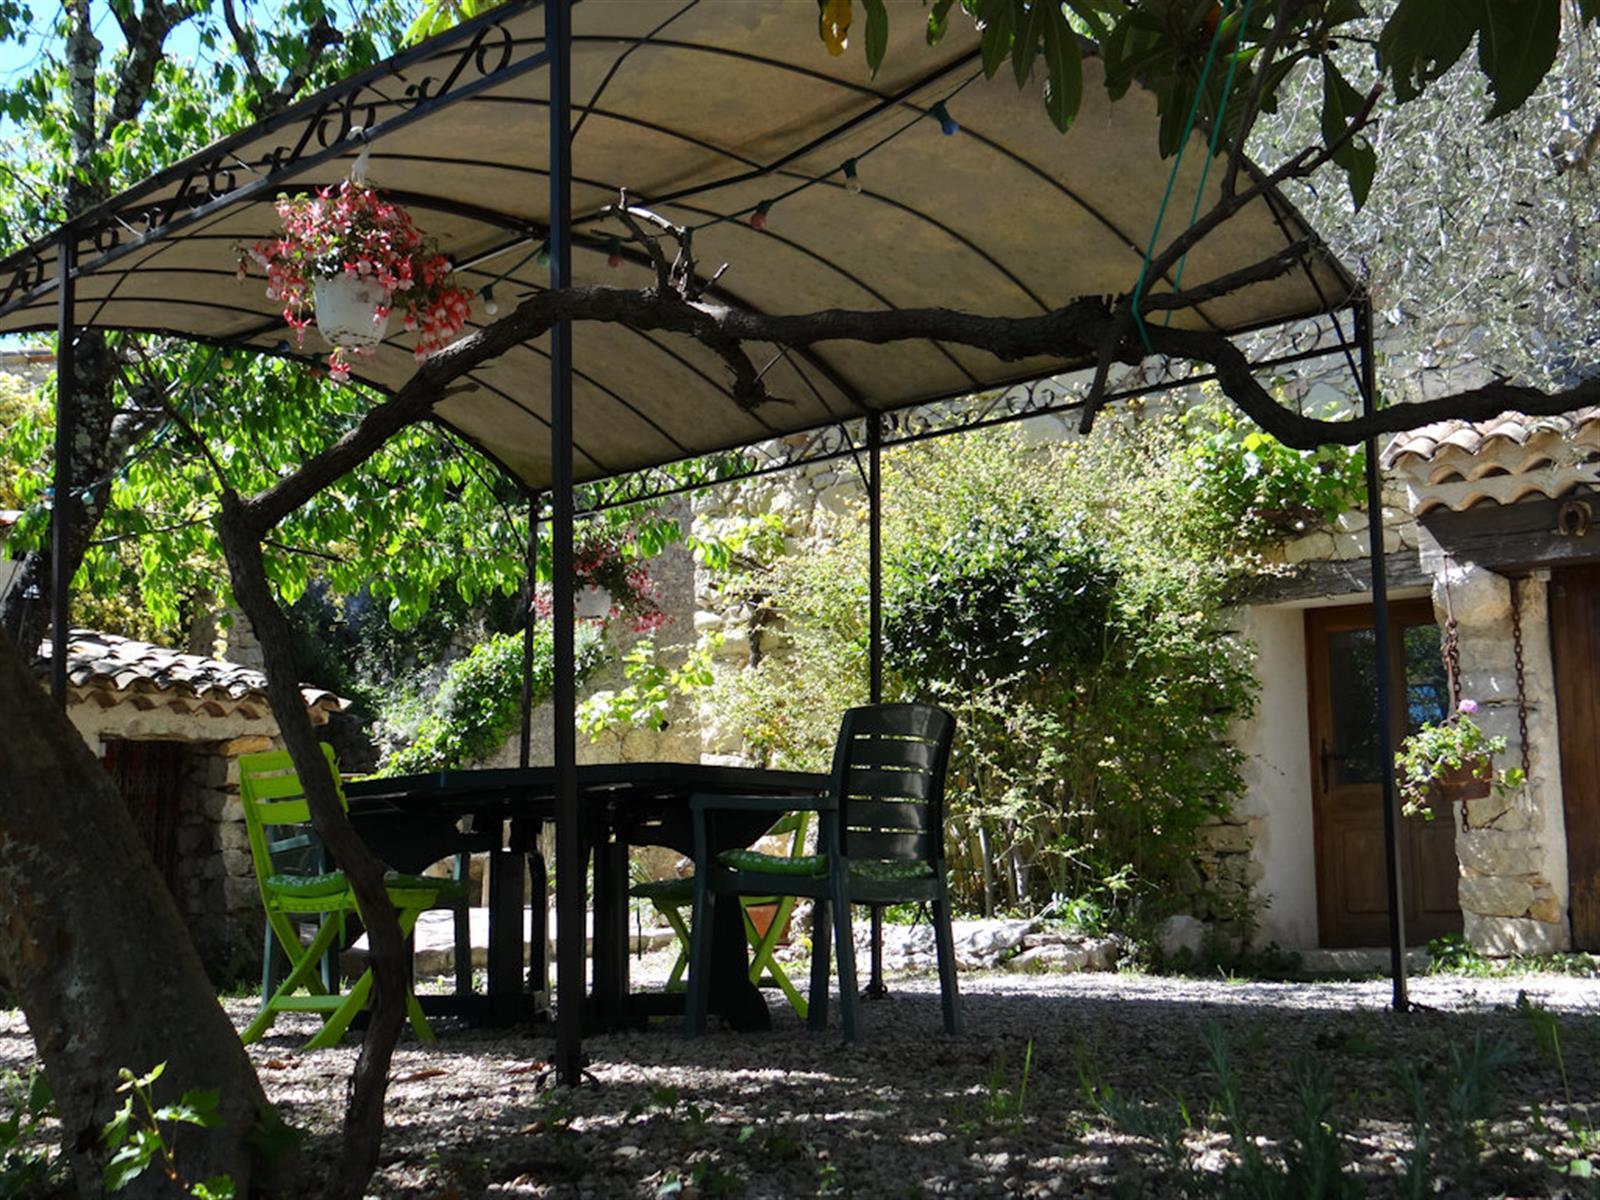 Maison de vacances - St-Cezaire-sur-Siagne (Grotte) - #4281618-6